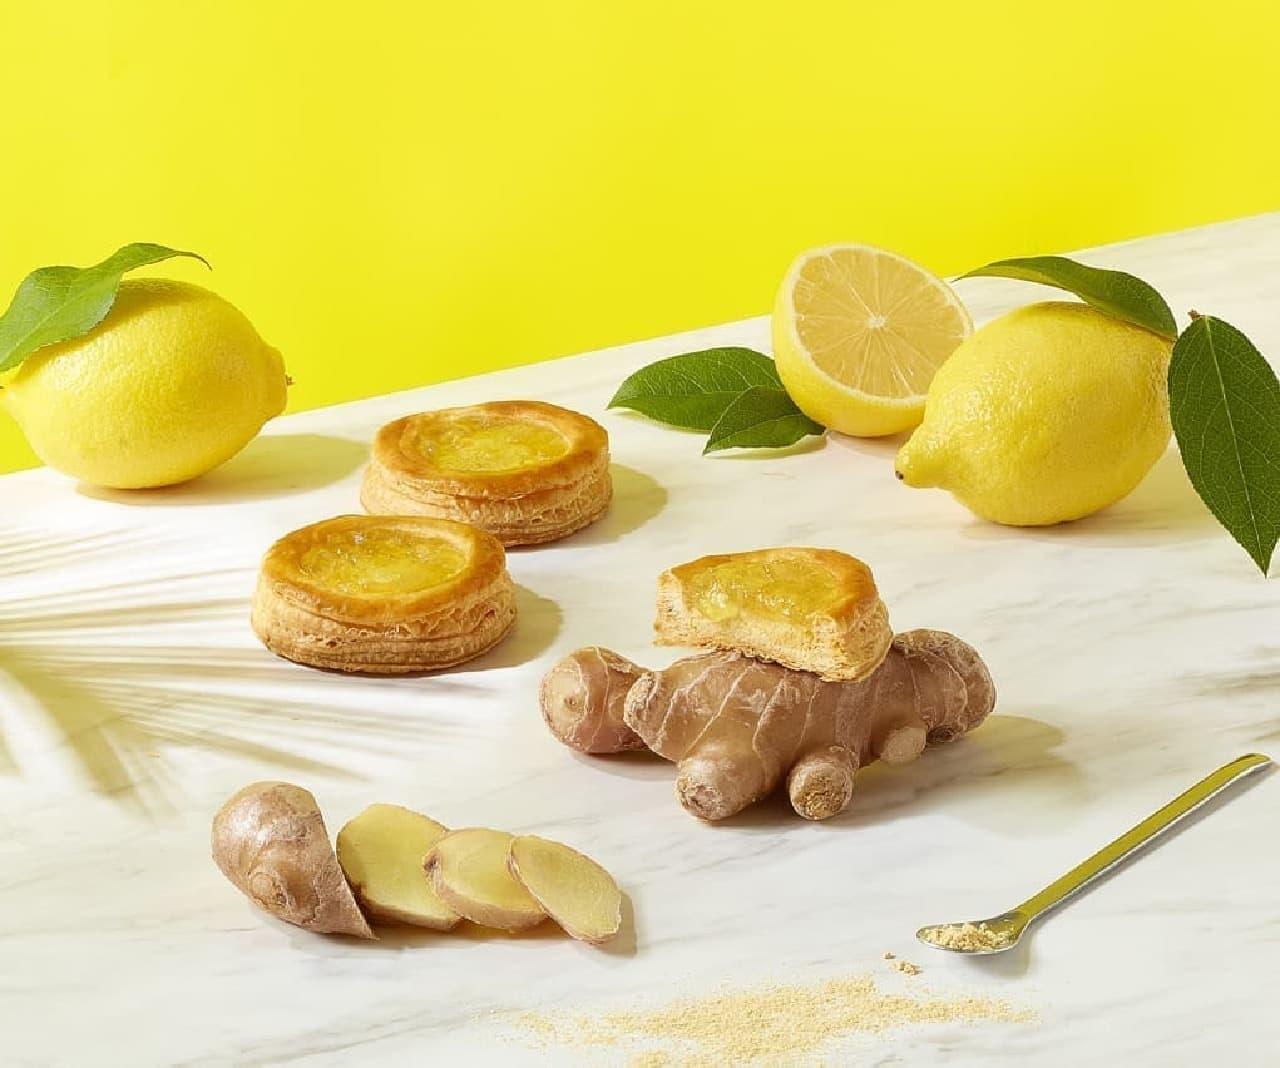 メリーチョコレート「香るパイ 檸檬(レモン)」